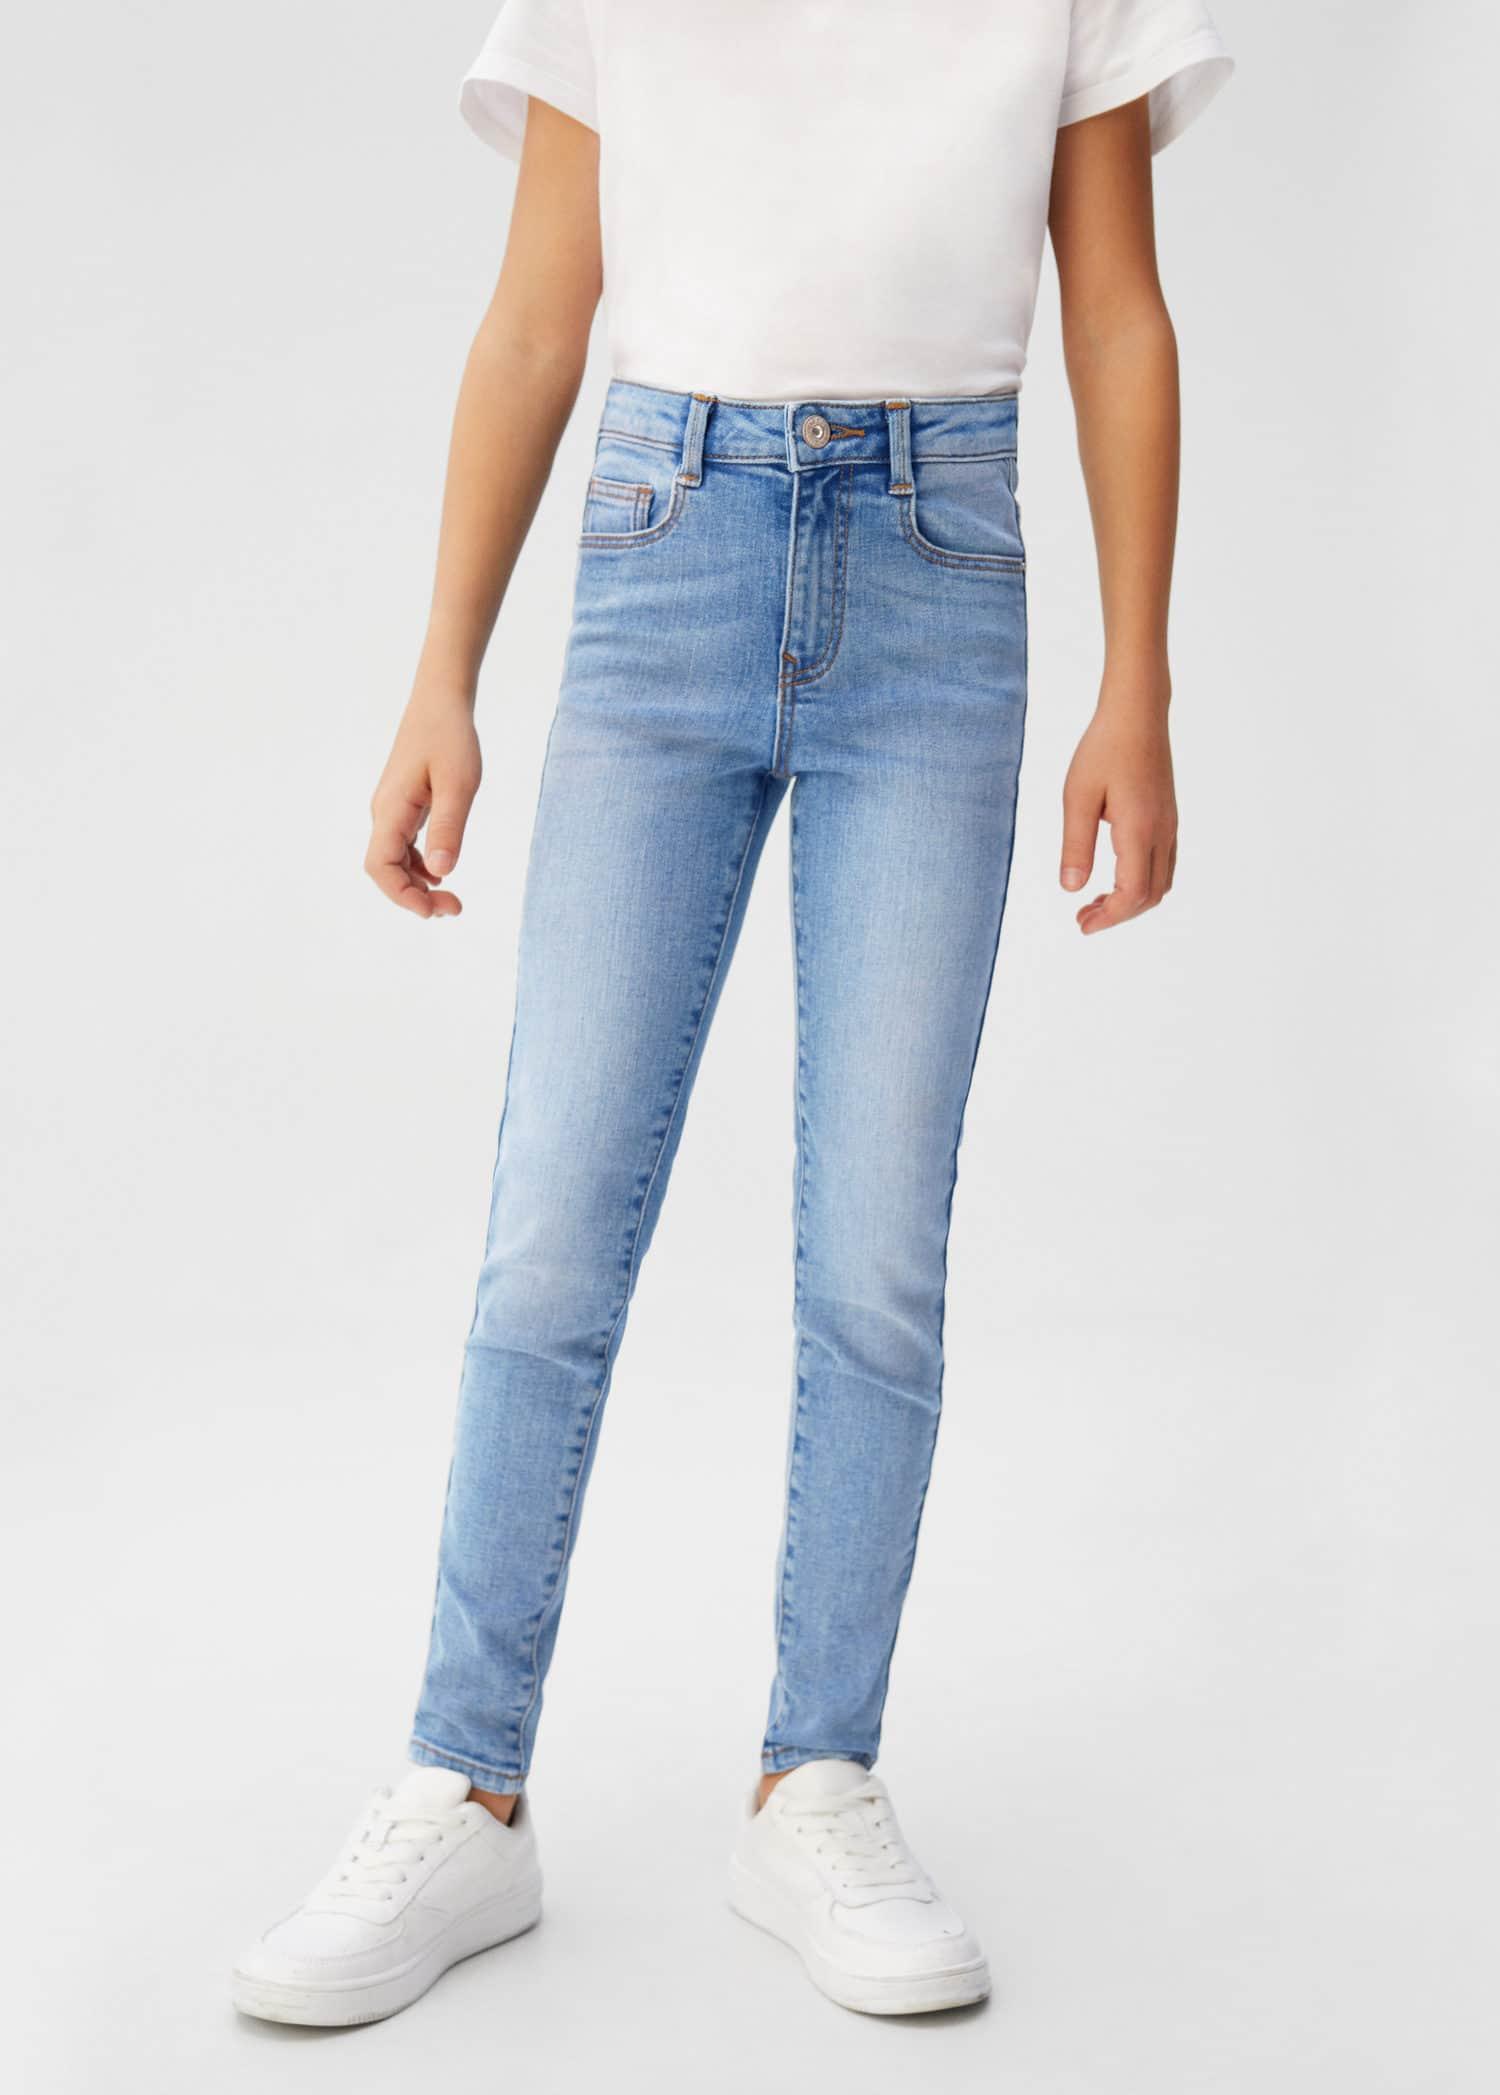 DARK TAN BROWN Low Rise Skinny Jeans Jeggings Taglia 4 6 8 10